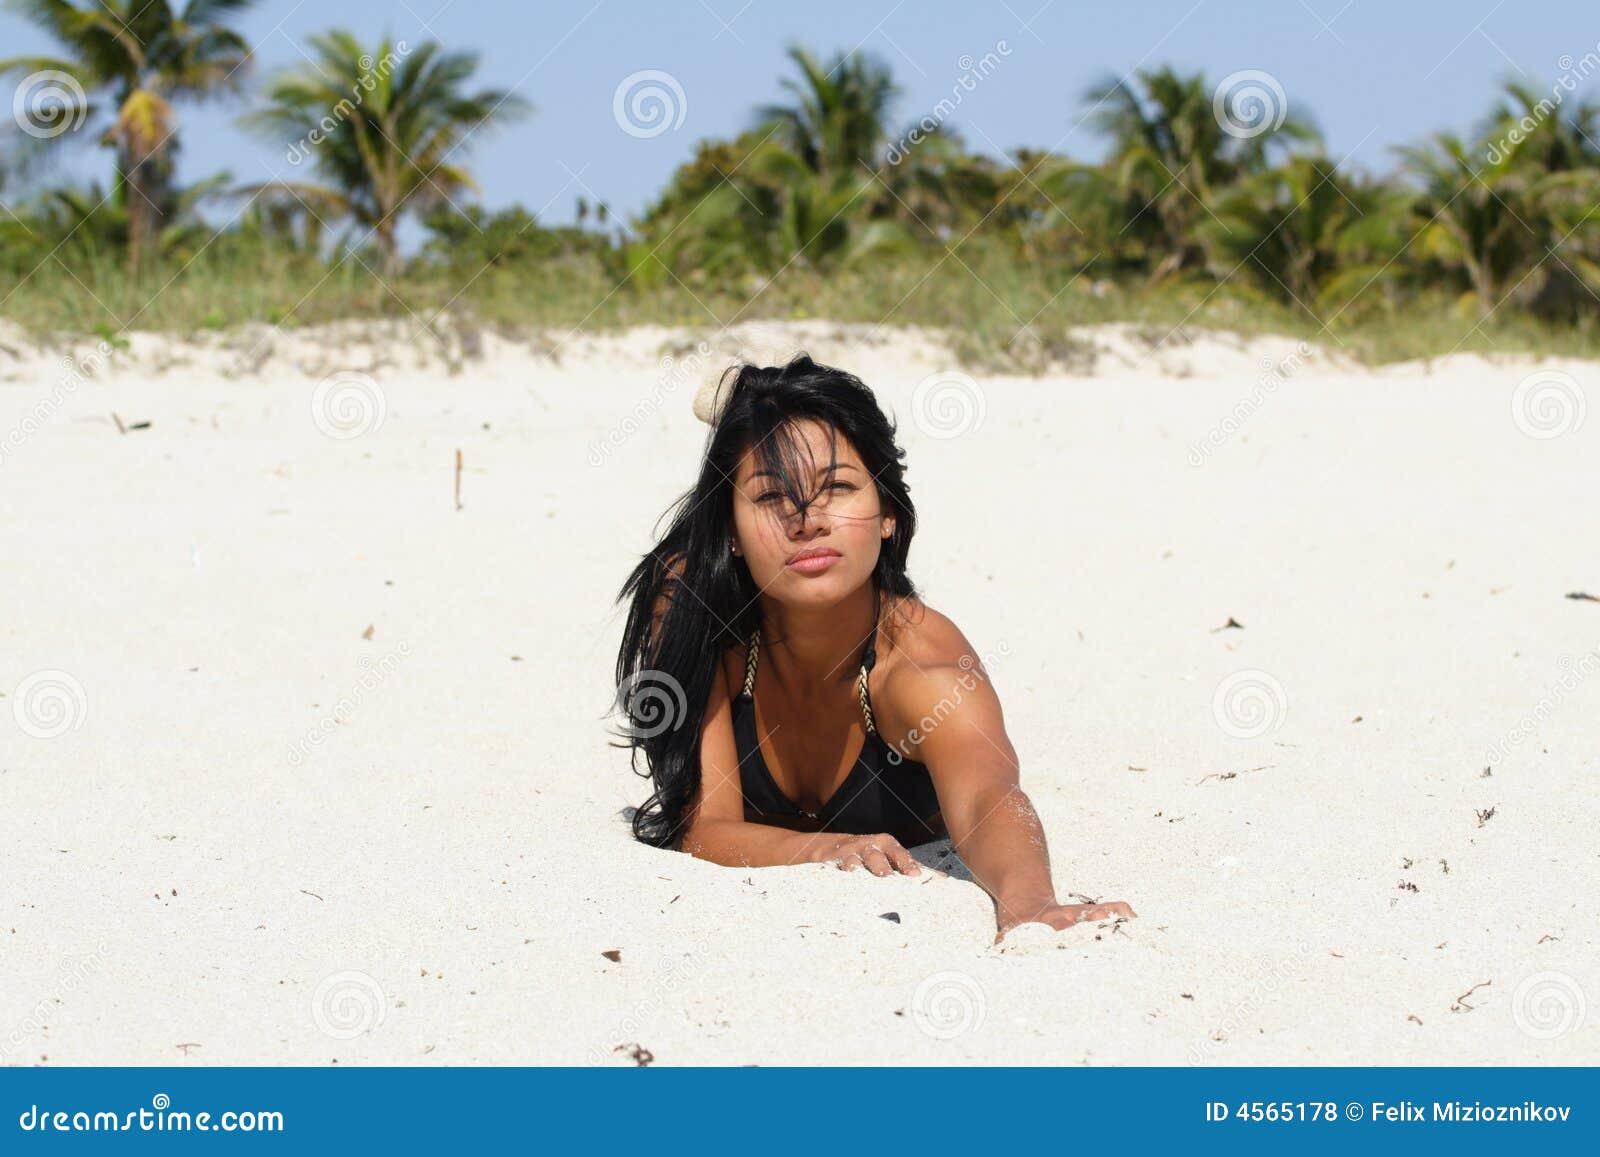 Beach Crawl Bikini